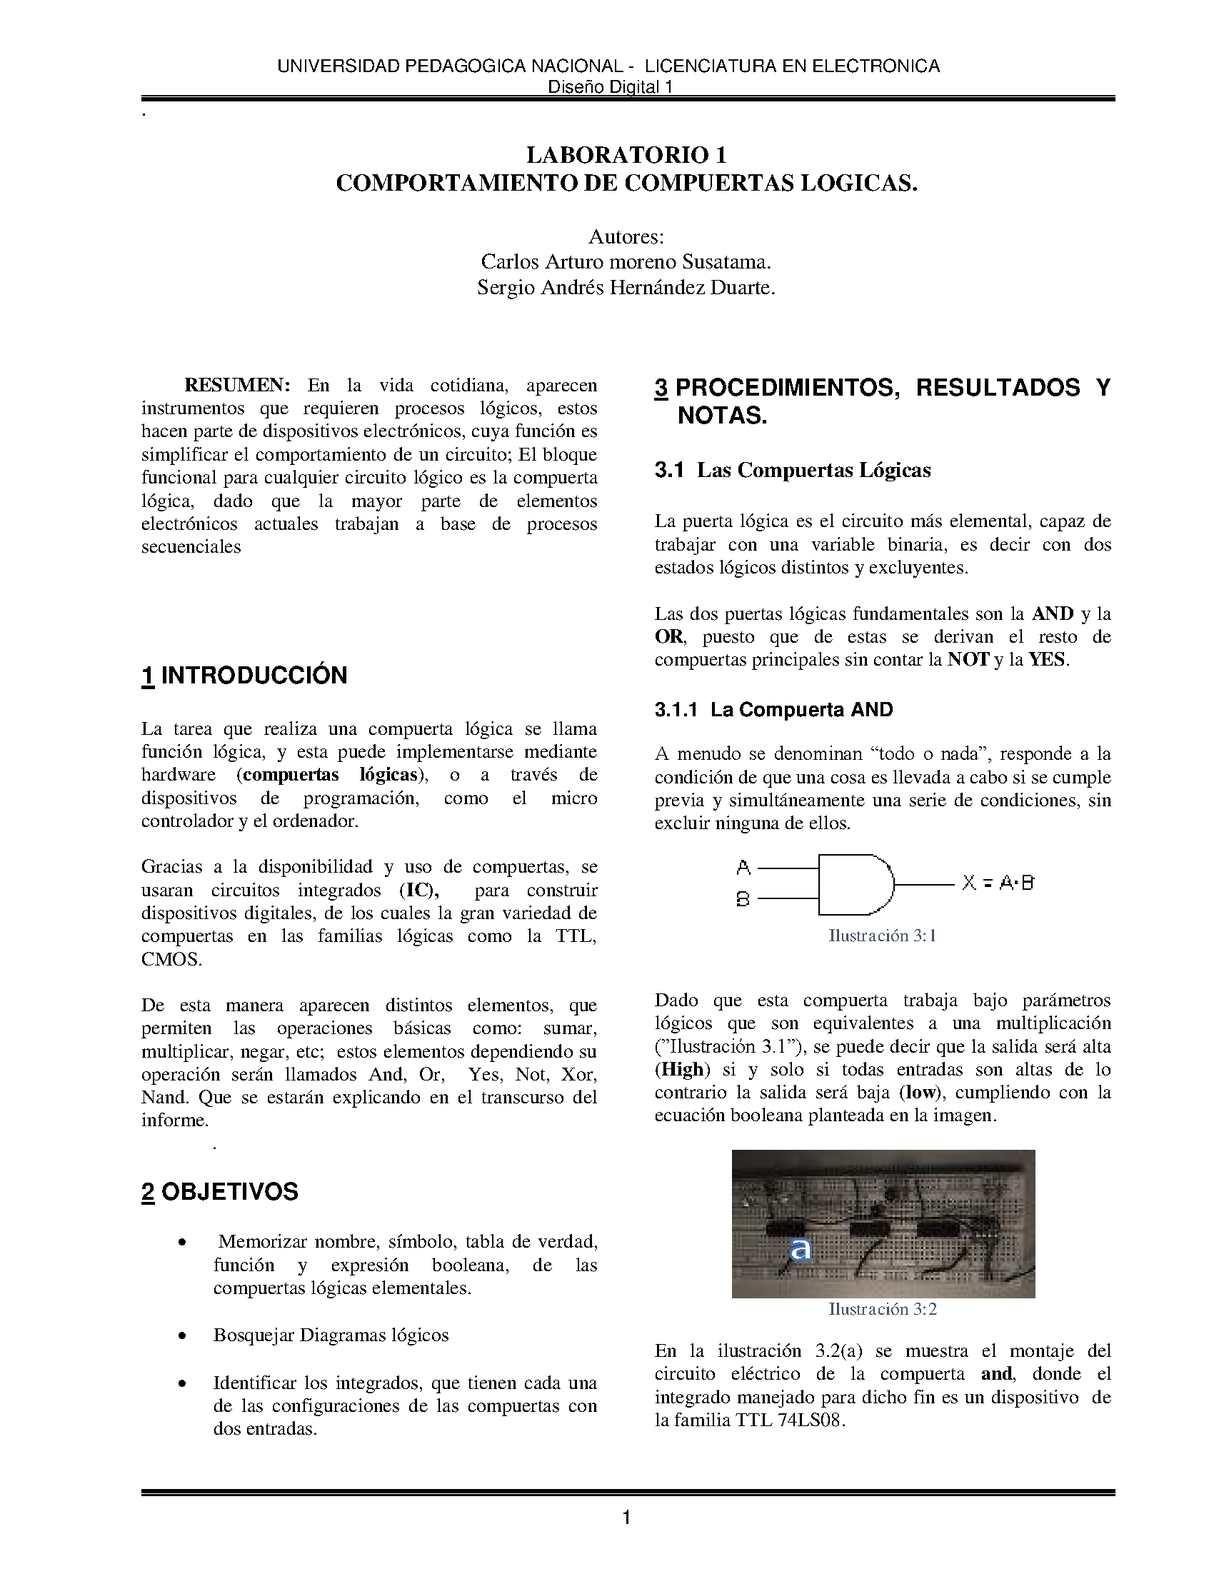 Circuito Xor : Calaméo informe 1 digitales